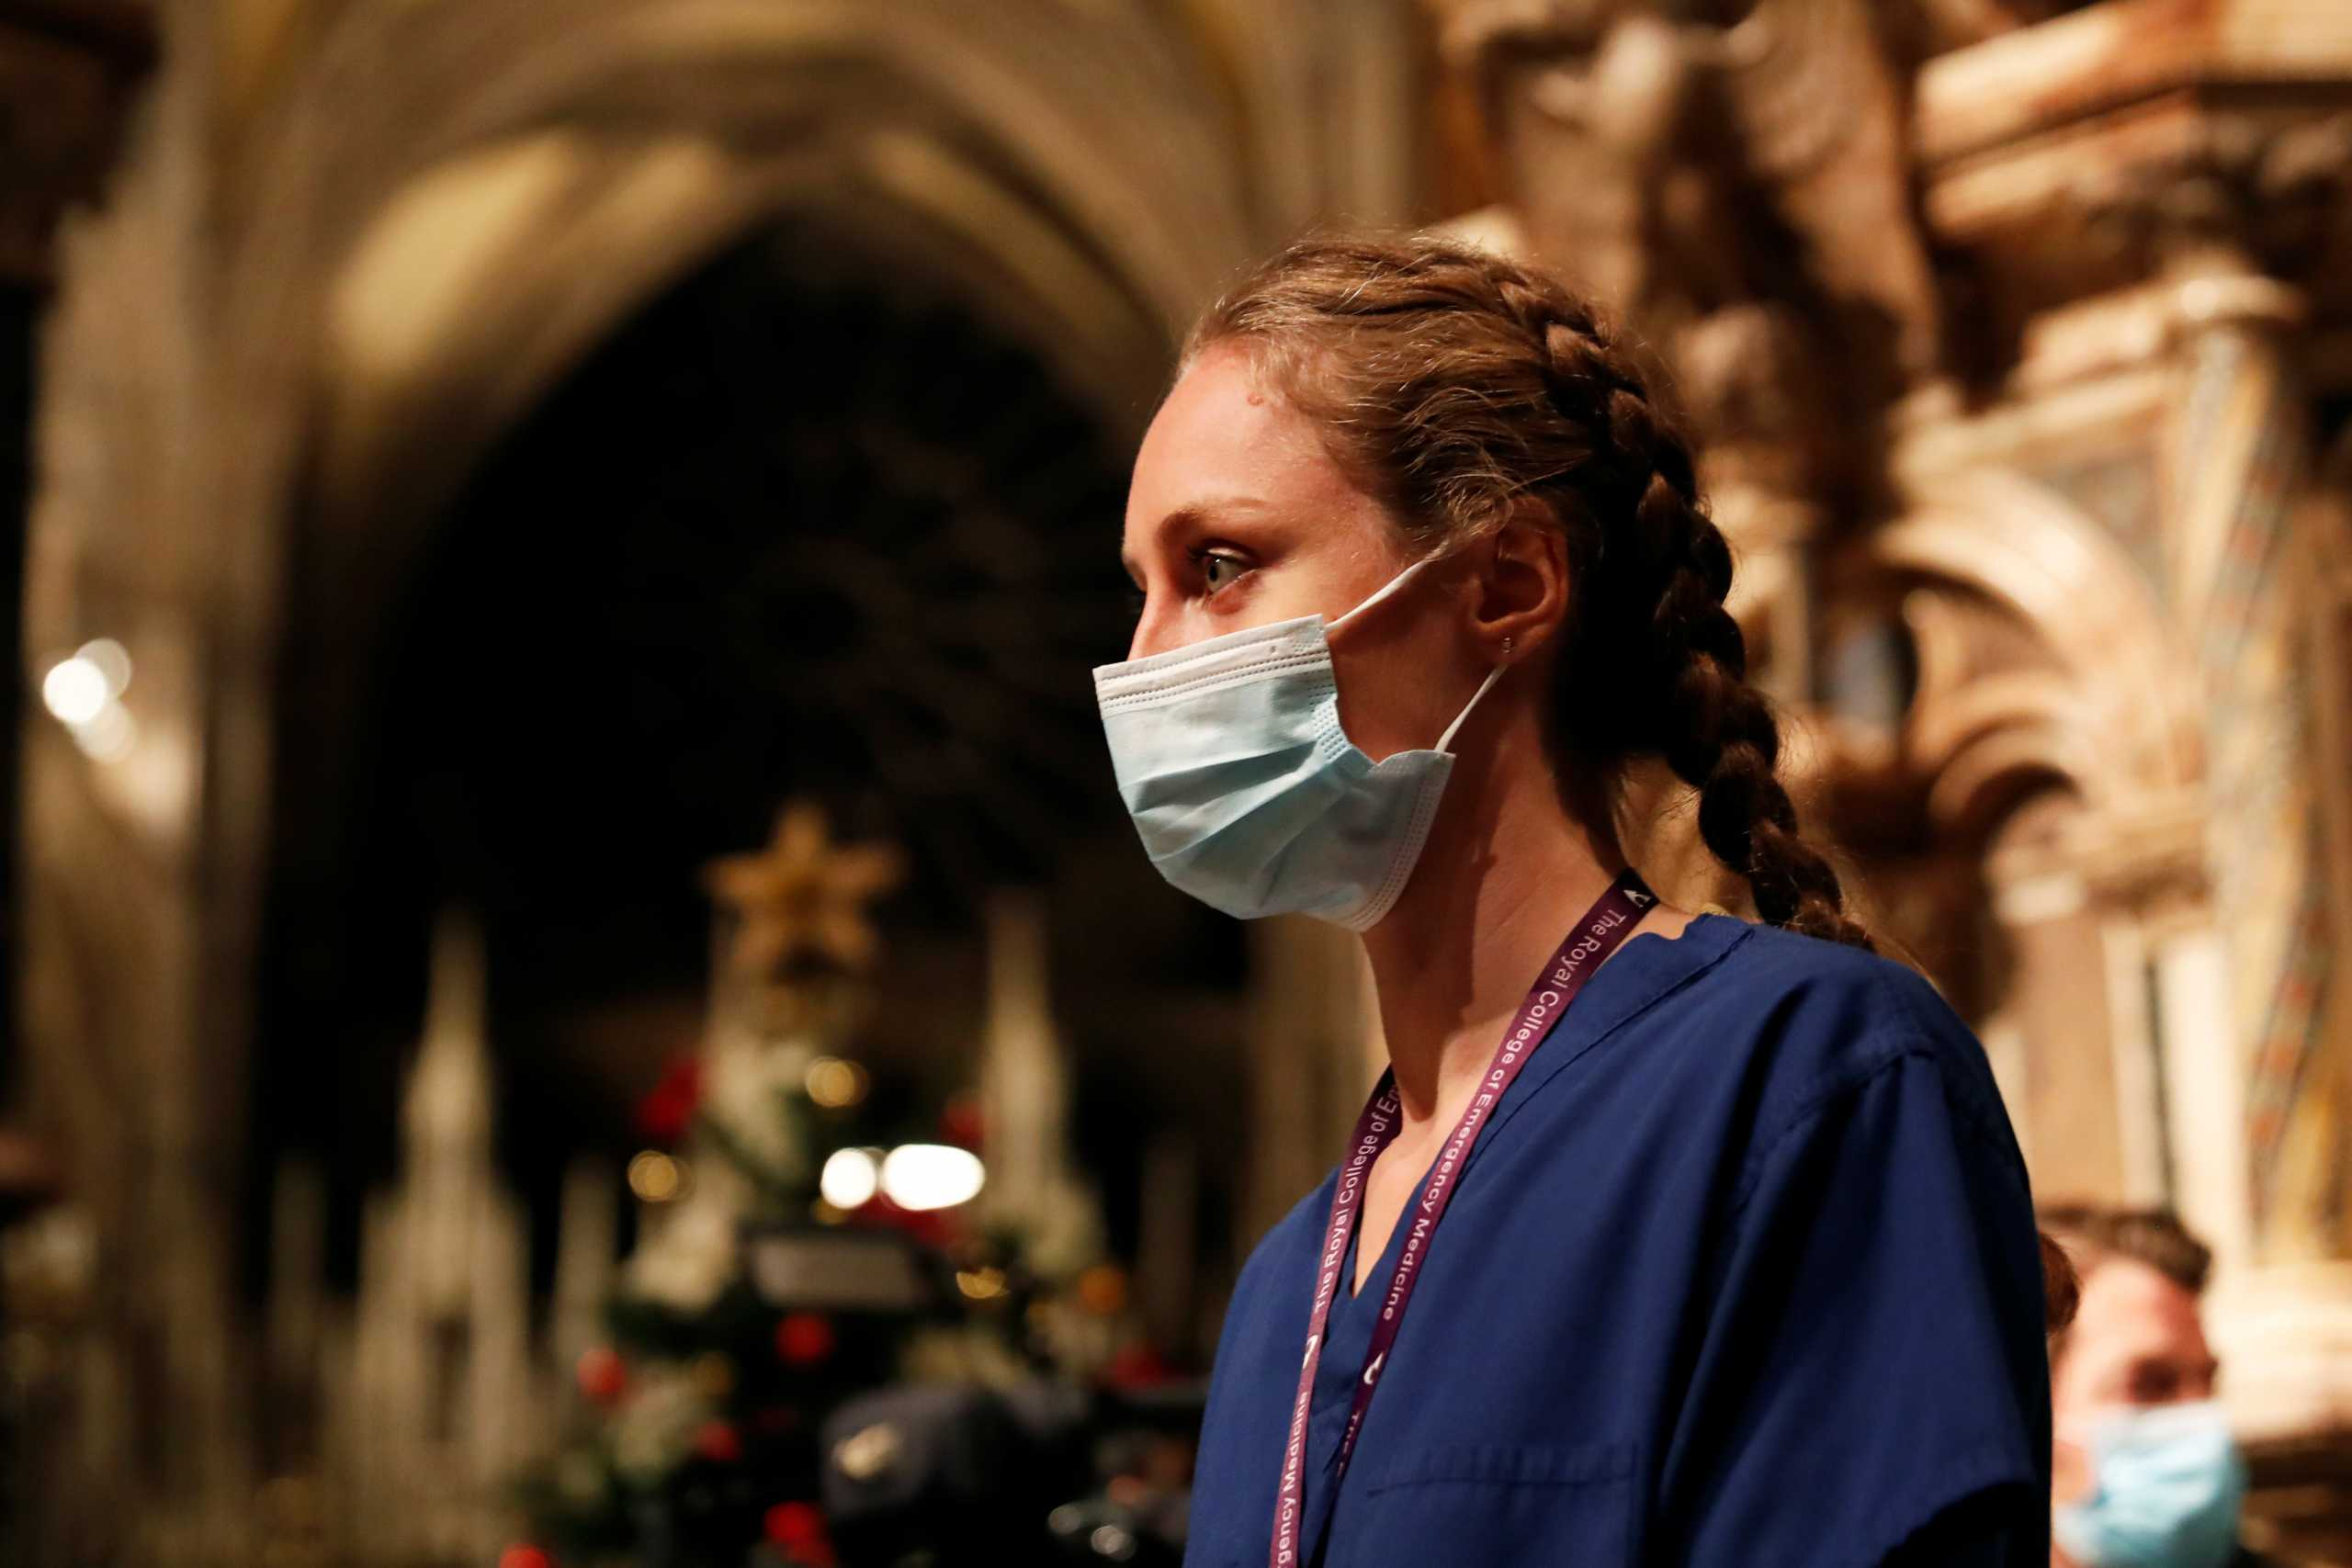 Βρετανία: Απελπισία γιατρών και νοσοκόμων – «Μας ζητούν να διαλέξουμε ποιος θα ζήσει και ποιος θα πεθάνει»